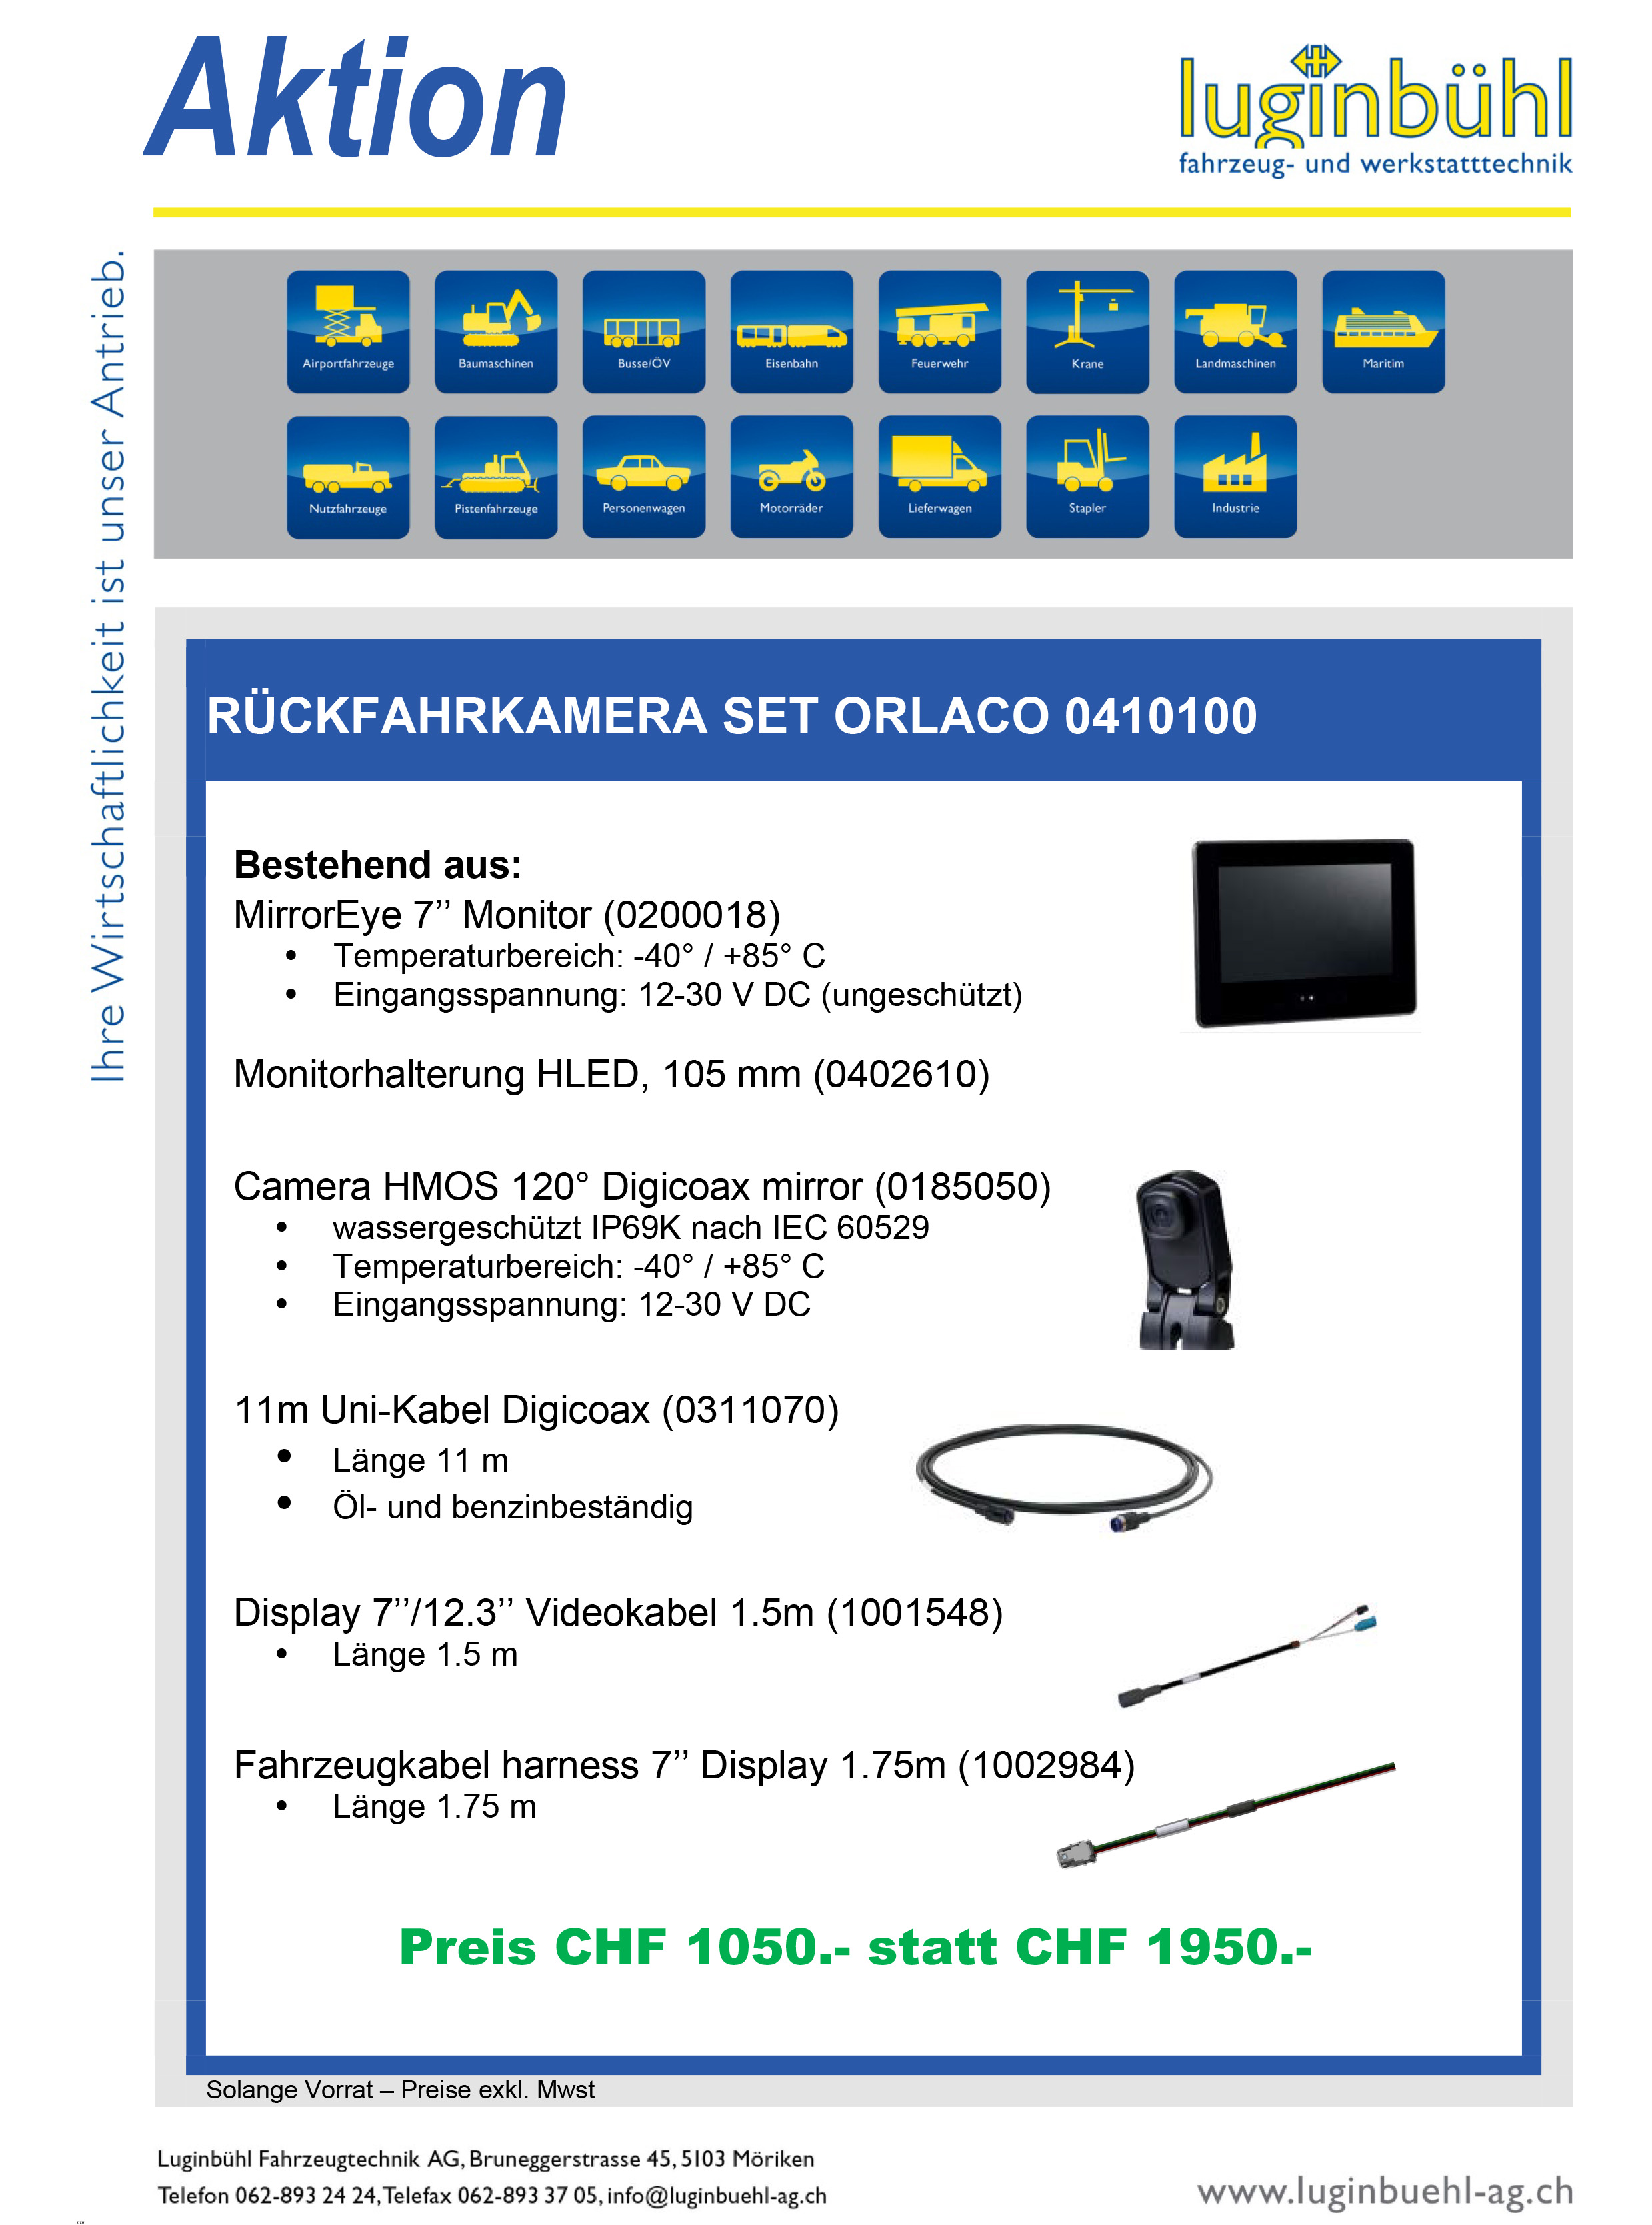 Rückfahrkamera Orlaco - Digitales Kamera-Monitor-System mit HMOS Kamera und 7-Zoll Monitor. Für die HMOS-Kamera und den HLED-Monitor wird die GMSL-Technologie verwendet. Die Abkürzung GMSL steht für Gigabit Multimedia Serial Link und bezeichnet eine Technologie, bei der das Videosignal digital und unkomprimiert über ein Koaxialkabel übertragen wird. Dank der Gigabit-Verbindung und der hohen Bandbreite ist mit GMSL die Übertragung digitaler HD-Videodaten für Fahrzeuge möglich. Da das Videosignal unkomprimiert verschickt wird, sind Verzögerungen ausgeschlossen. Das Bild wird in Echtzeit und verzögerungsfrei auf dem Monitor angezeigt. Und dank der digitalen Qualität wird die Situation rund um das Fahrzeug haarscharf abgebildet.